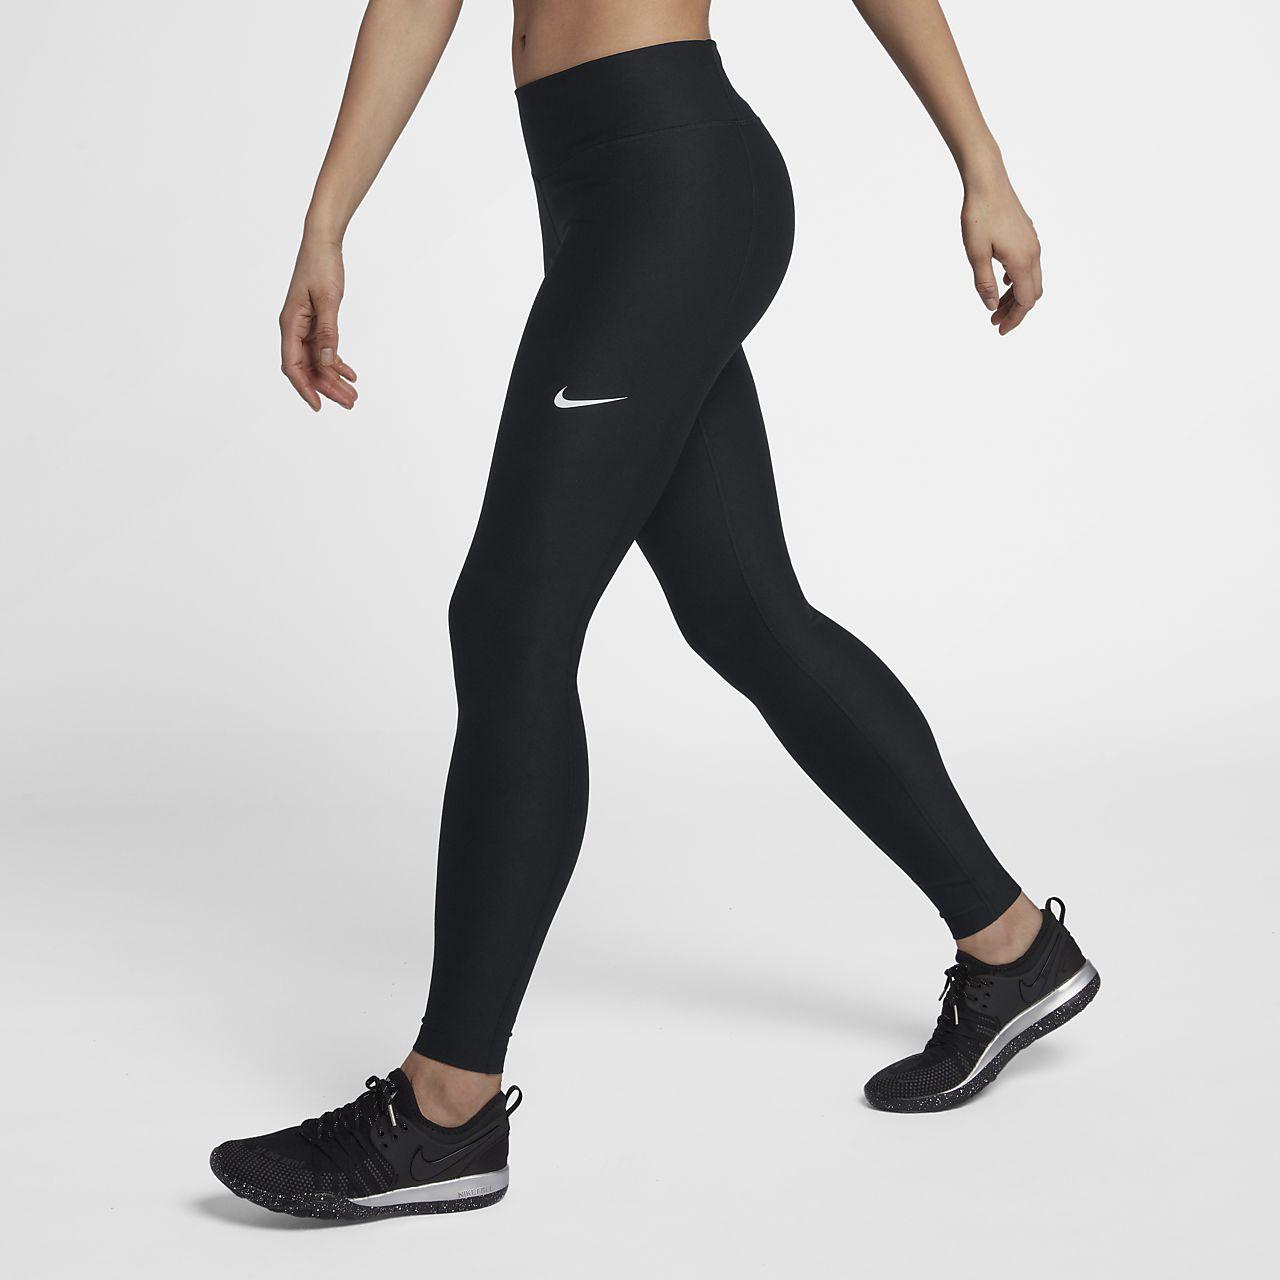 7374cad69b640 Nike Power Victory Women s Training Tights. Nike.com GB